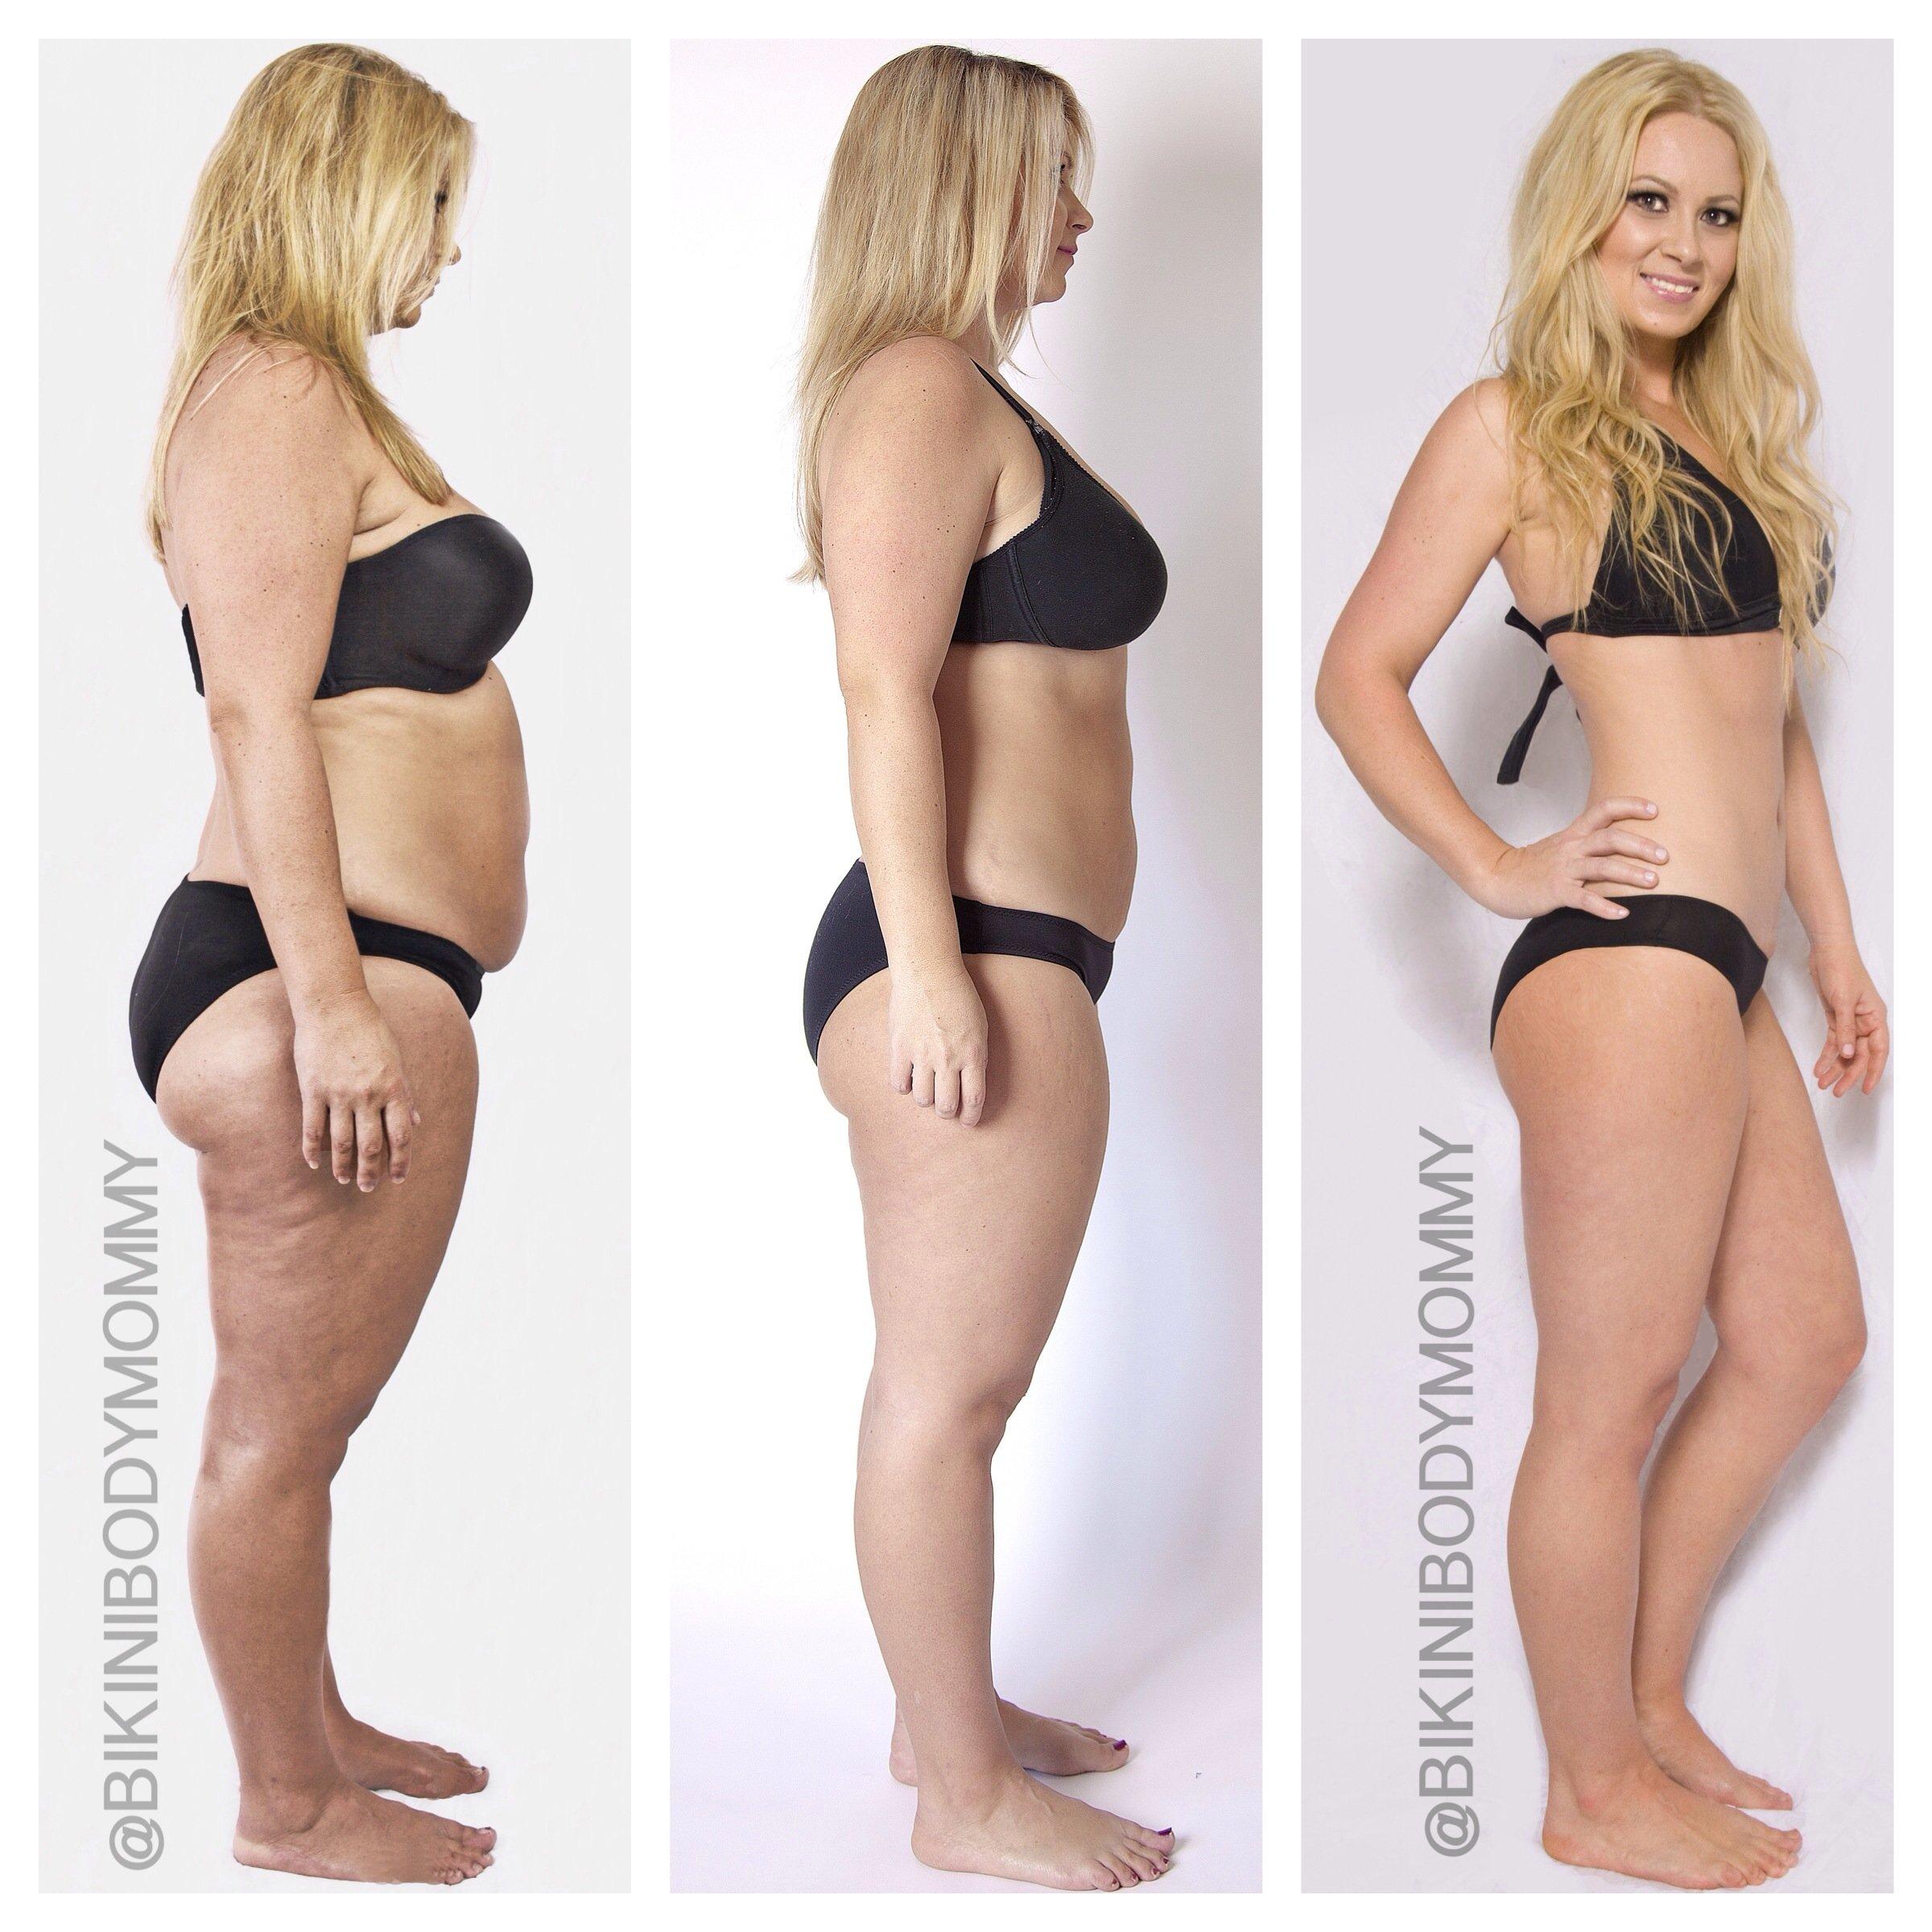 Bikini body mommy